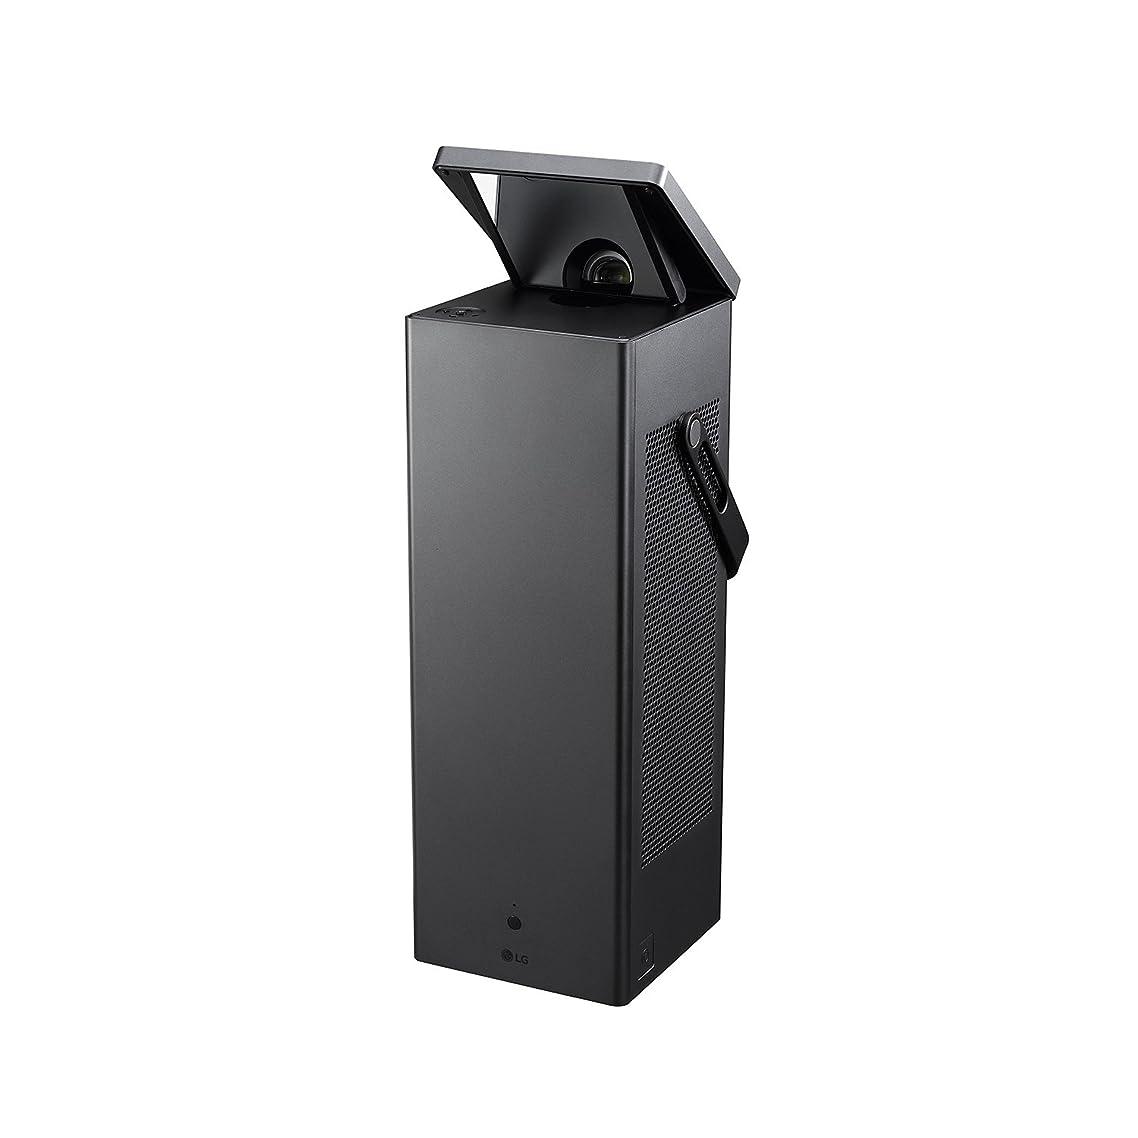 持続的すきプレビューASUS 小型ミニ プロジェクターS1 ( 軽量342g / 高さ3cm / 200ルーメン / HDMI MHL対応 / 6,000mAhバッテリー内蔵 / 投影距離約0.73m / DLP方式 )